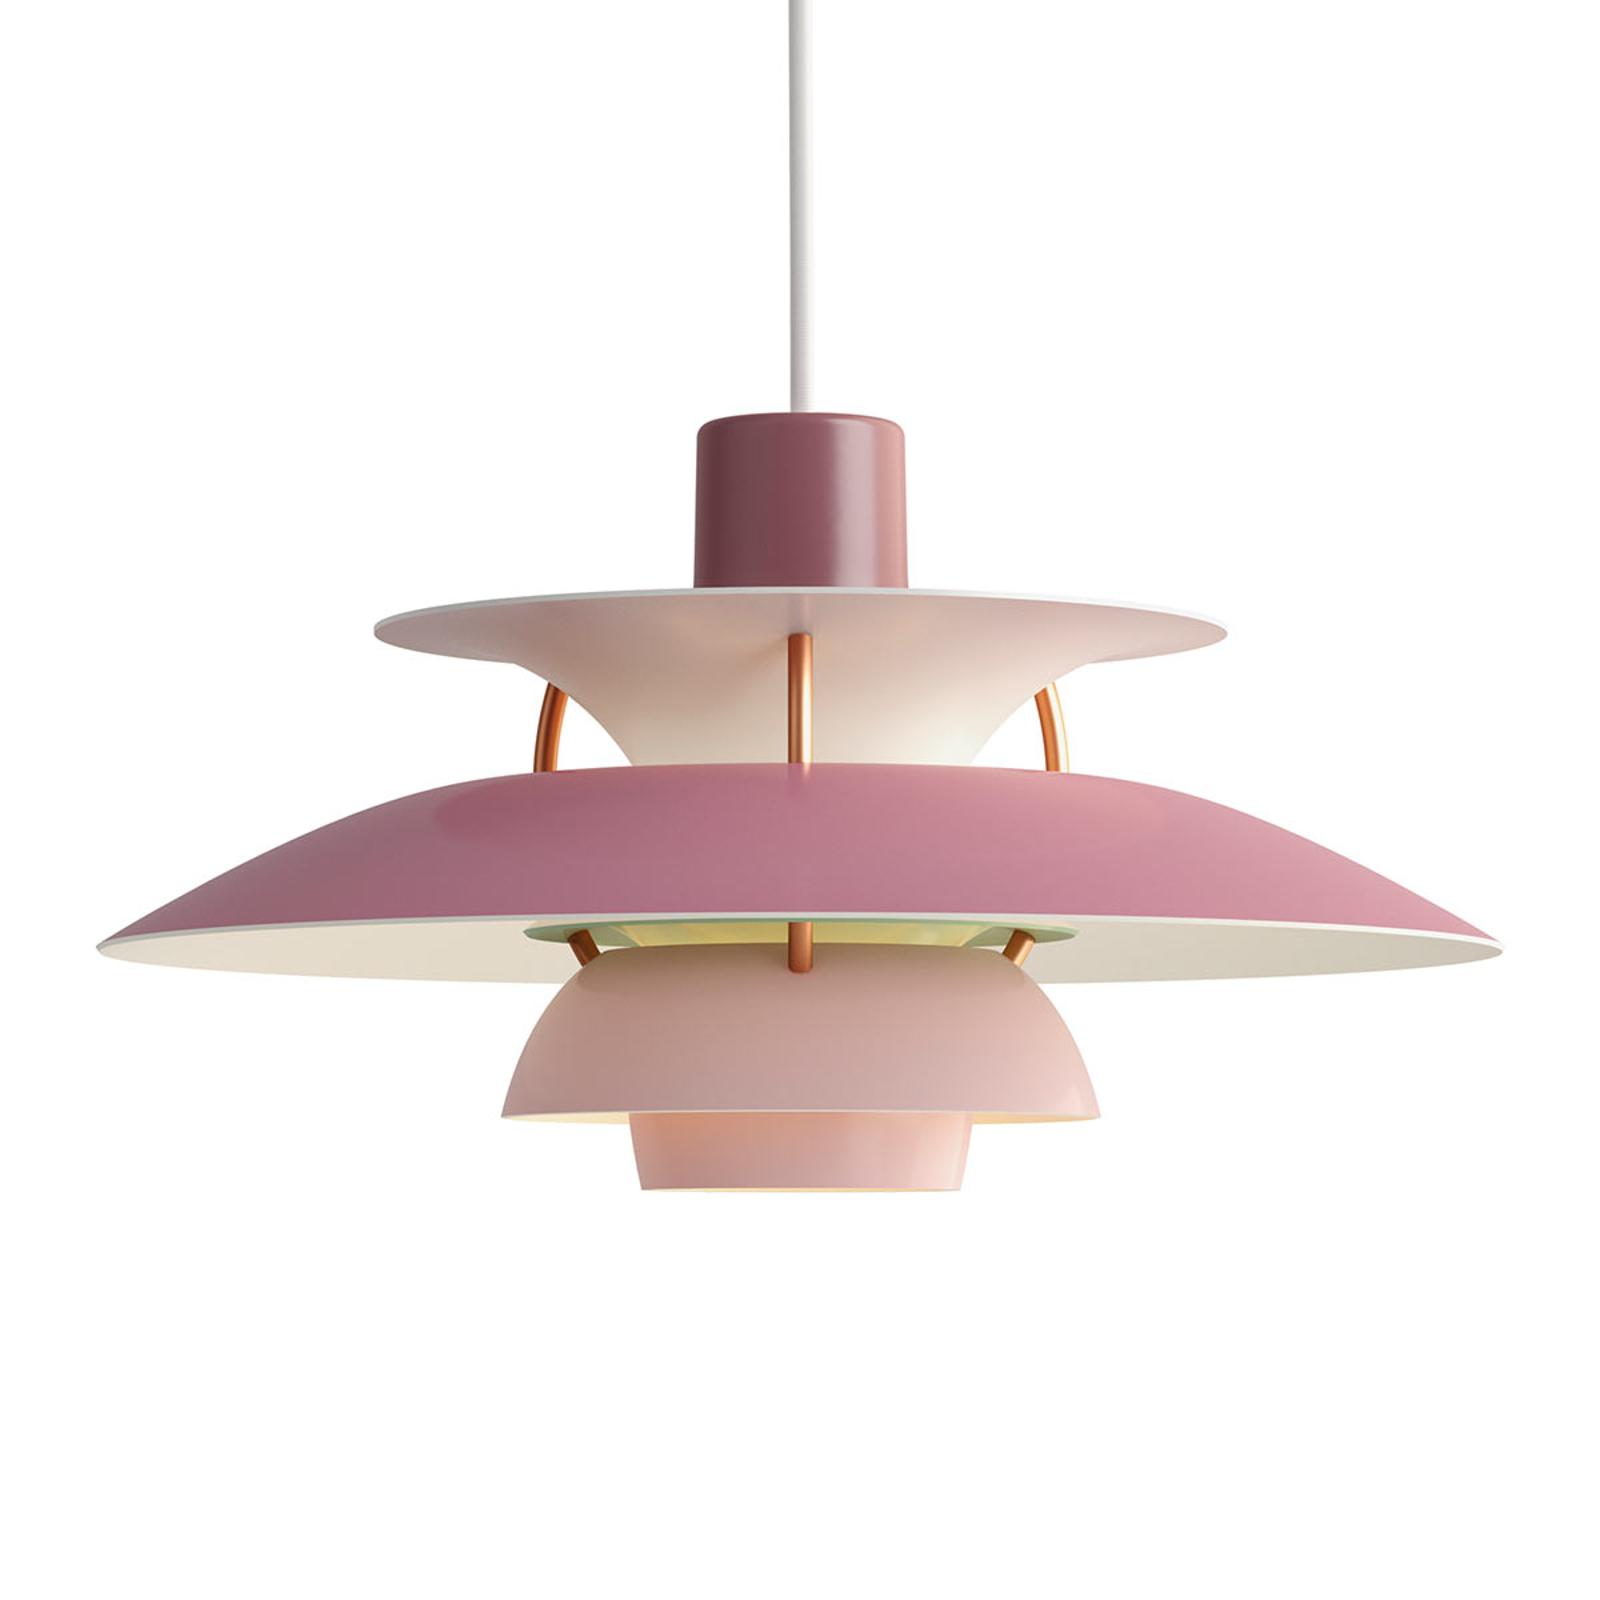 Louis Poulsen PH 5 Mini - Hängeleuchte, rosa